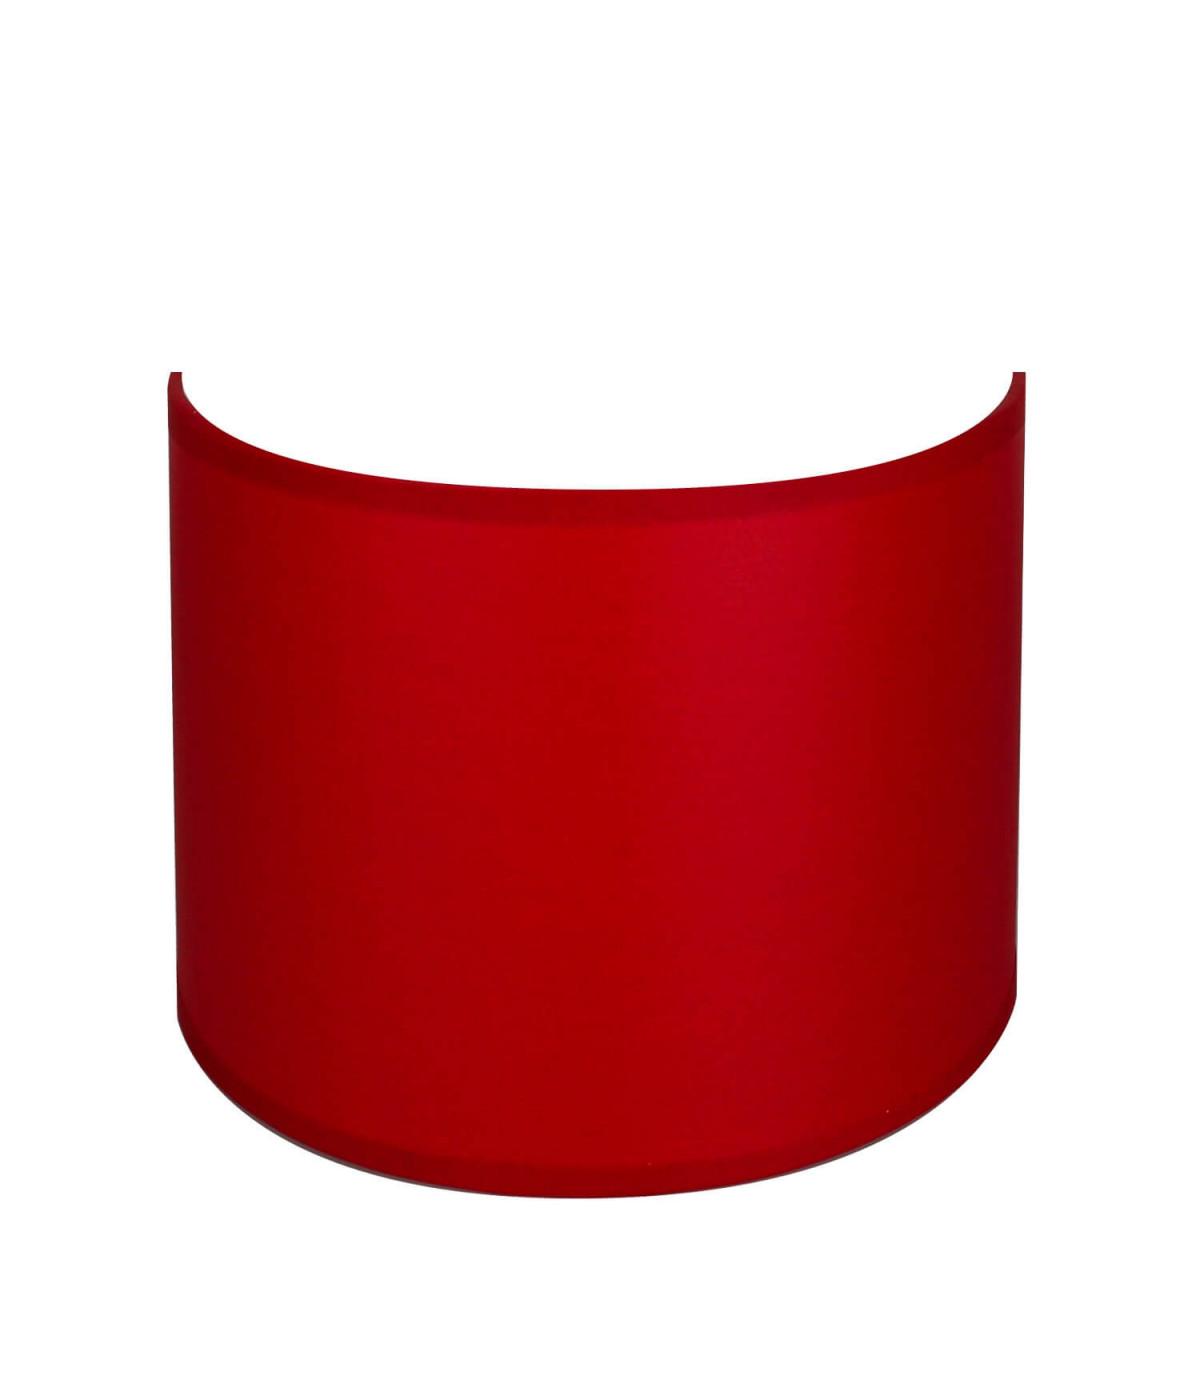 applique ronde rouge